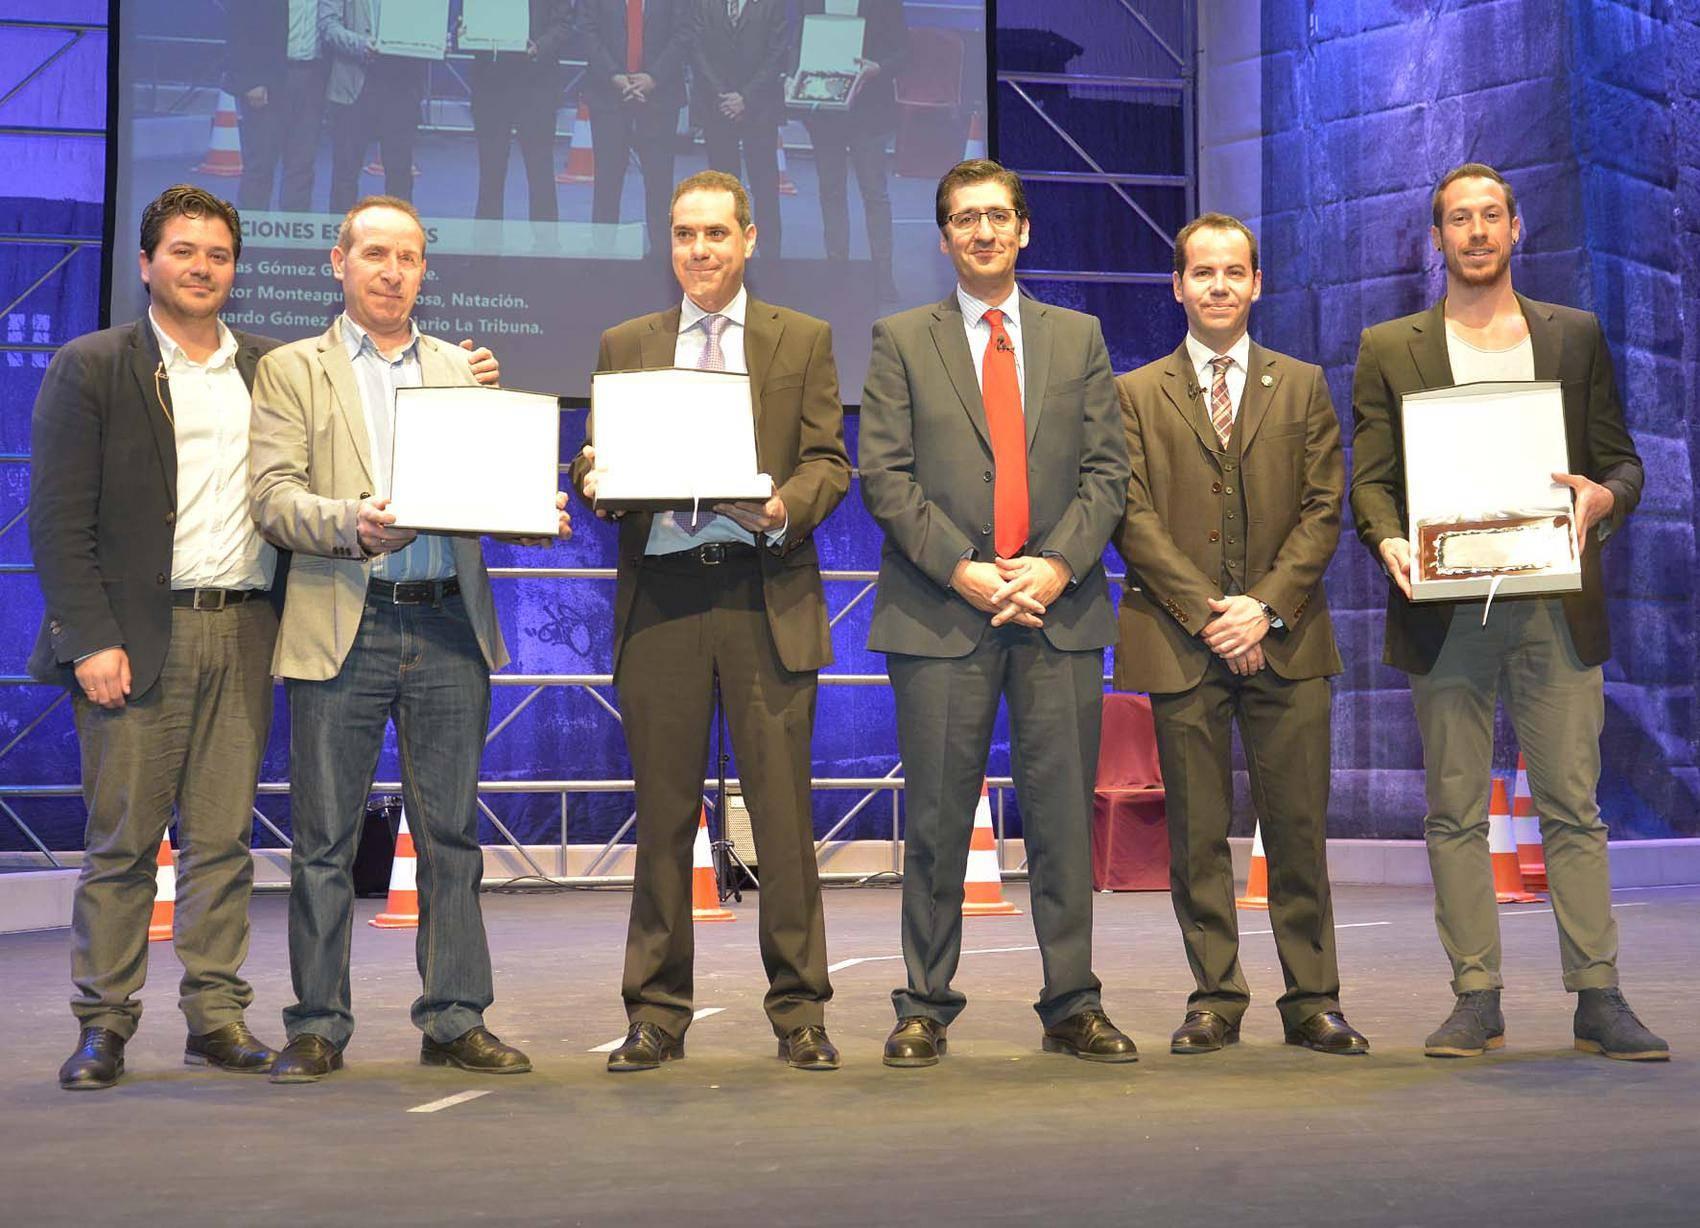 entrega de premios gala del deporte provincial de ciudad real en Herencia - Los mejores deportistas de la provincia son premiados en Herencia